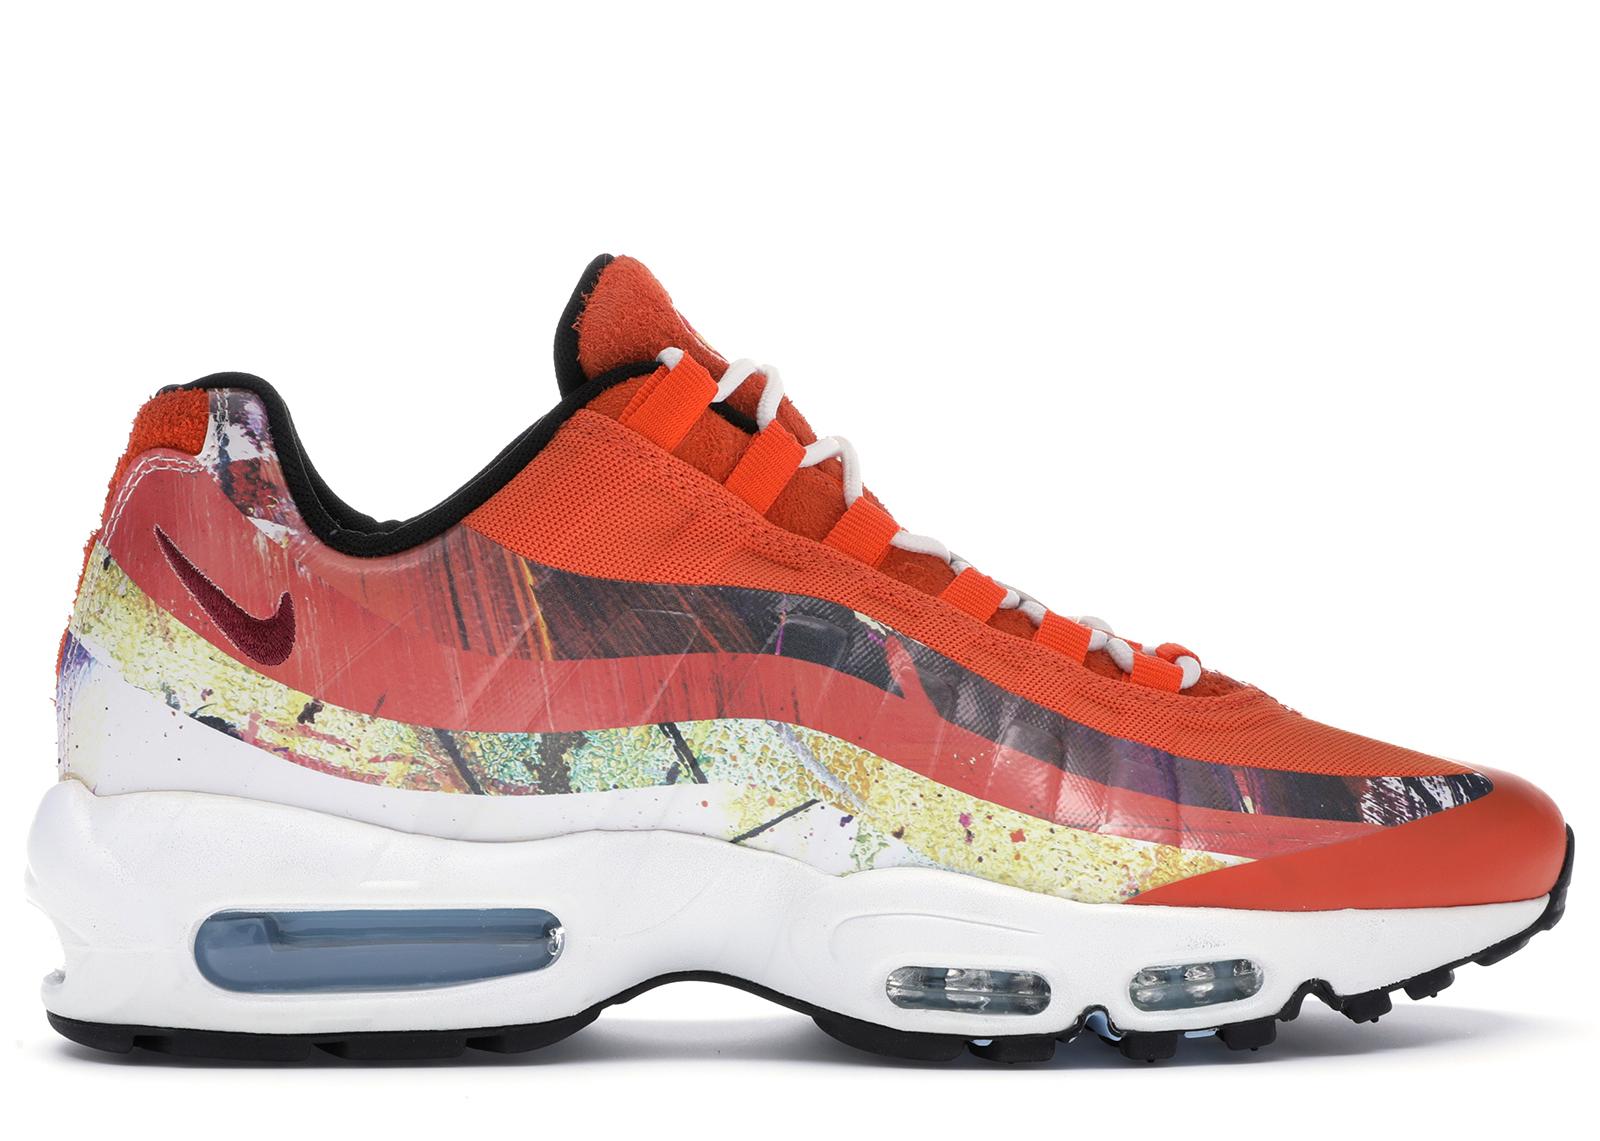 Nike Air Max 95 Dave White Fox - 872640-600